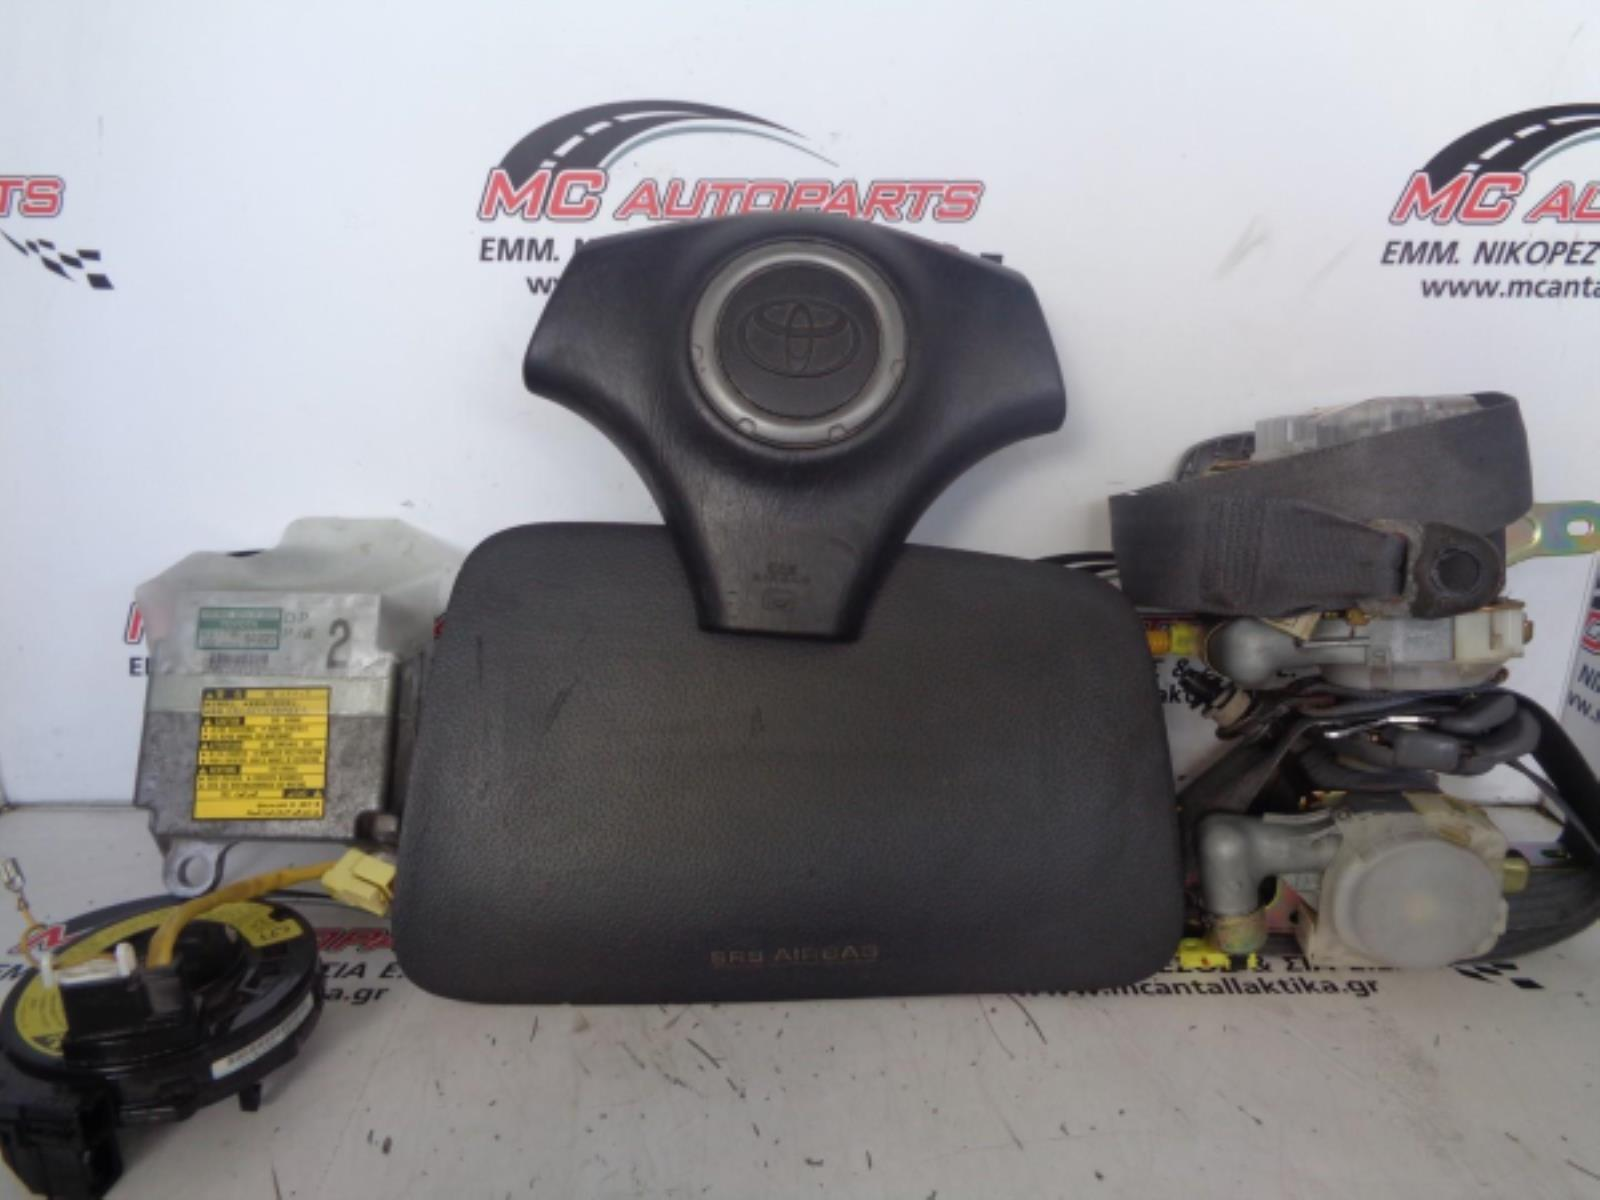 Εικόνα από Αερόσακος  Set  TOYOTA RAV-4 (2001-2006)     Οδηγού,συνοδήγου,2 ζώνες,ταινία,εγκέφαλος airbag